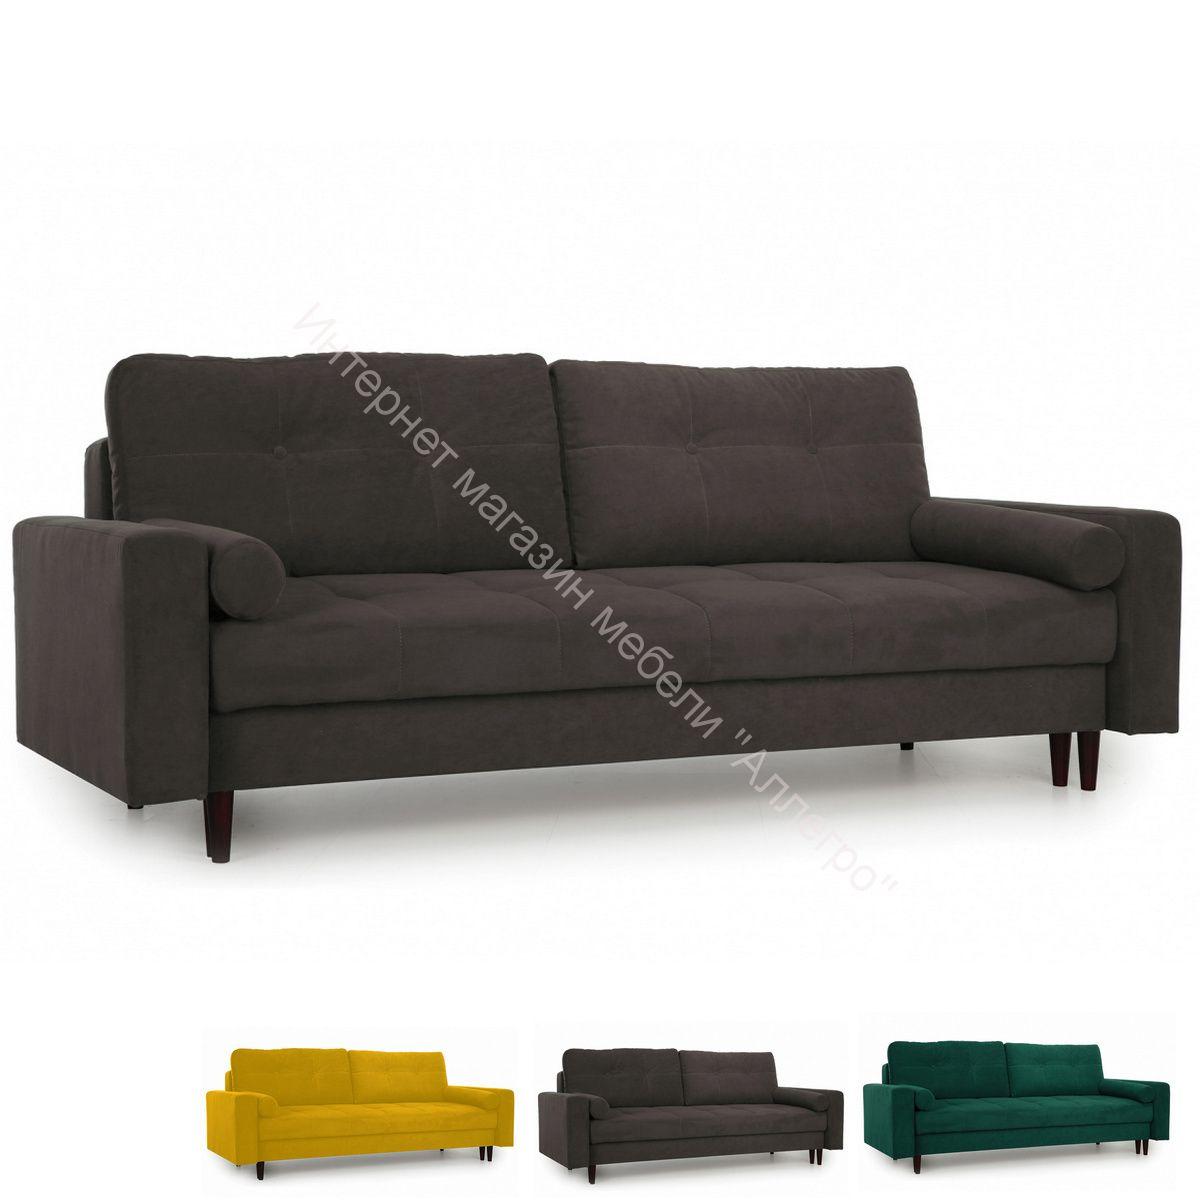 Диван-кровать Лоретт (Galaxy 04, 07, 10 (велюр) коричневый, желтый, изумрудный)